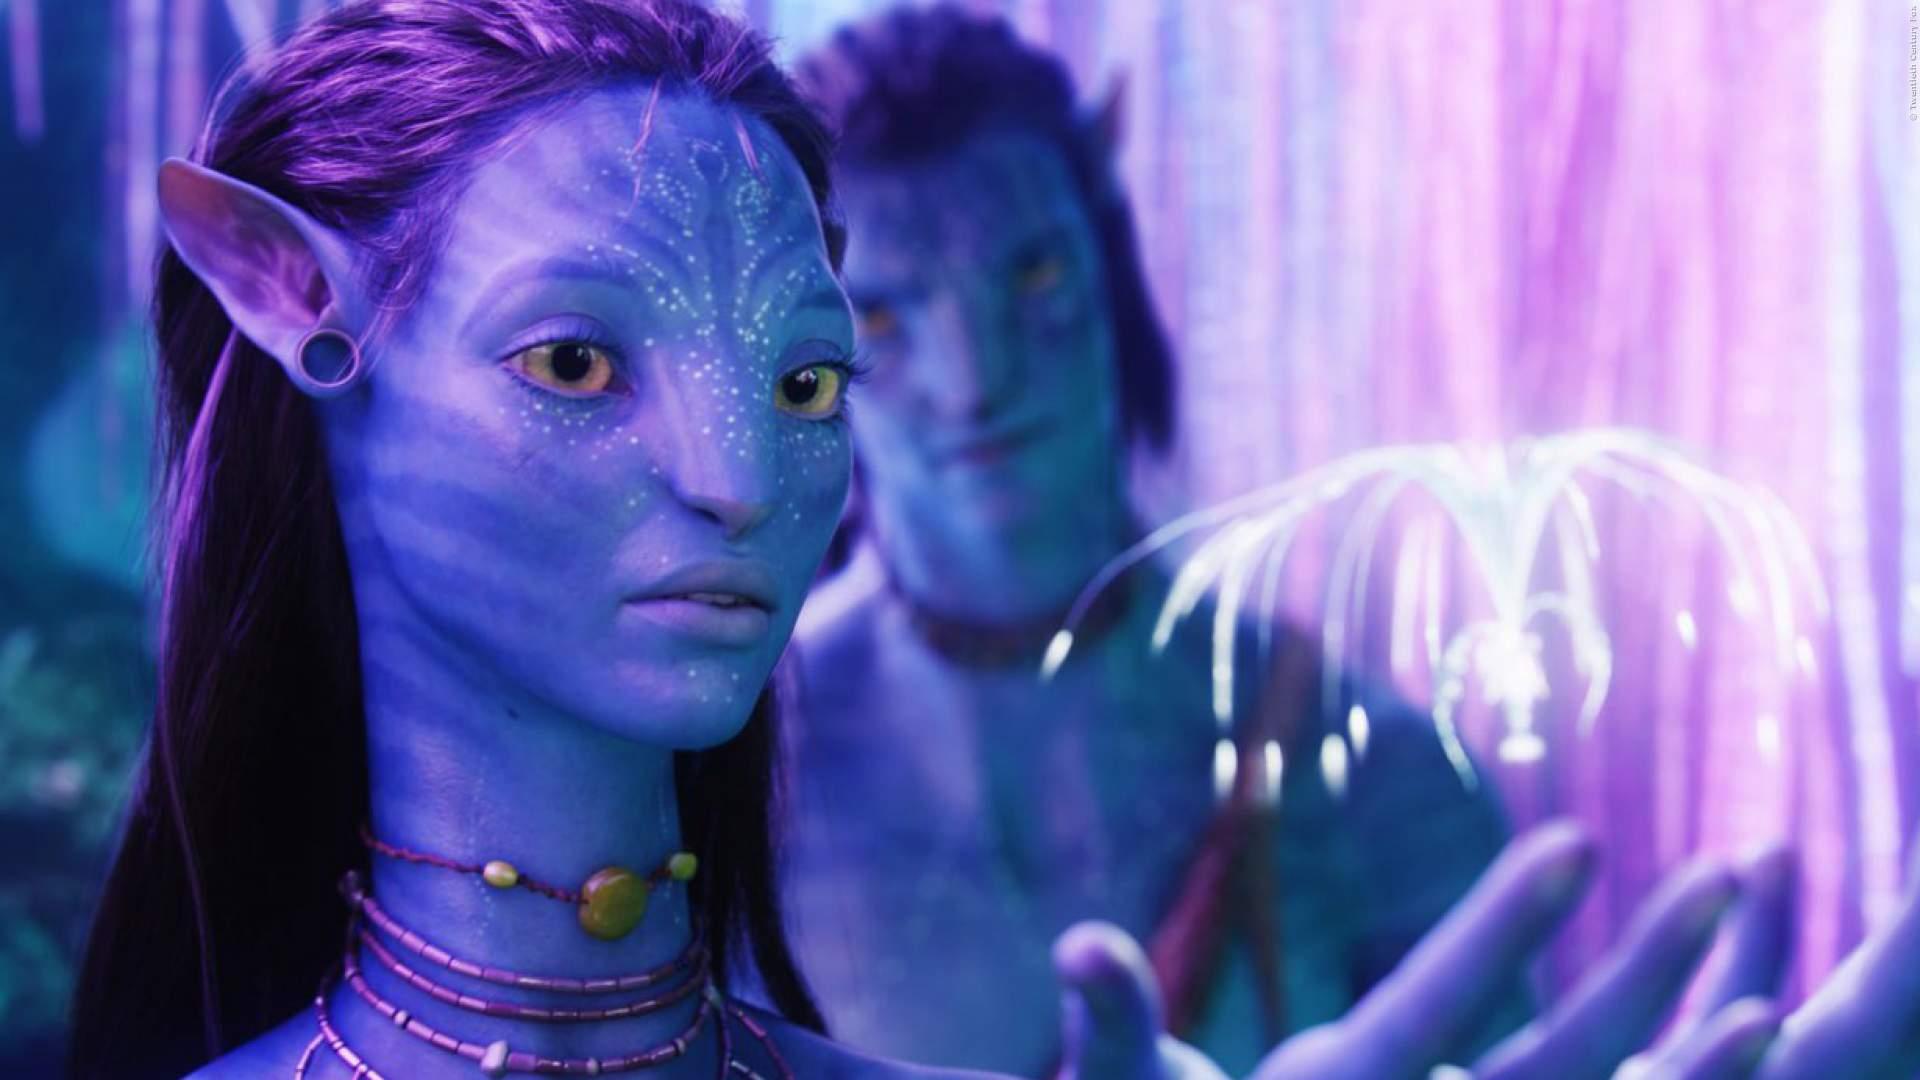 FORTSETZUNG: Dieser 'Game Of Thrones'-Star spielt im neuen 'Avatar' mit